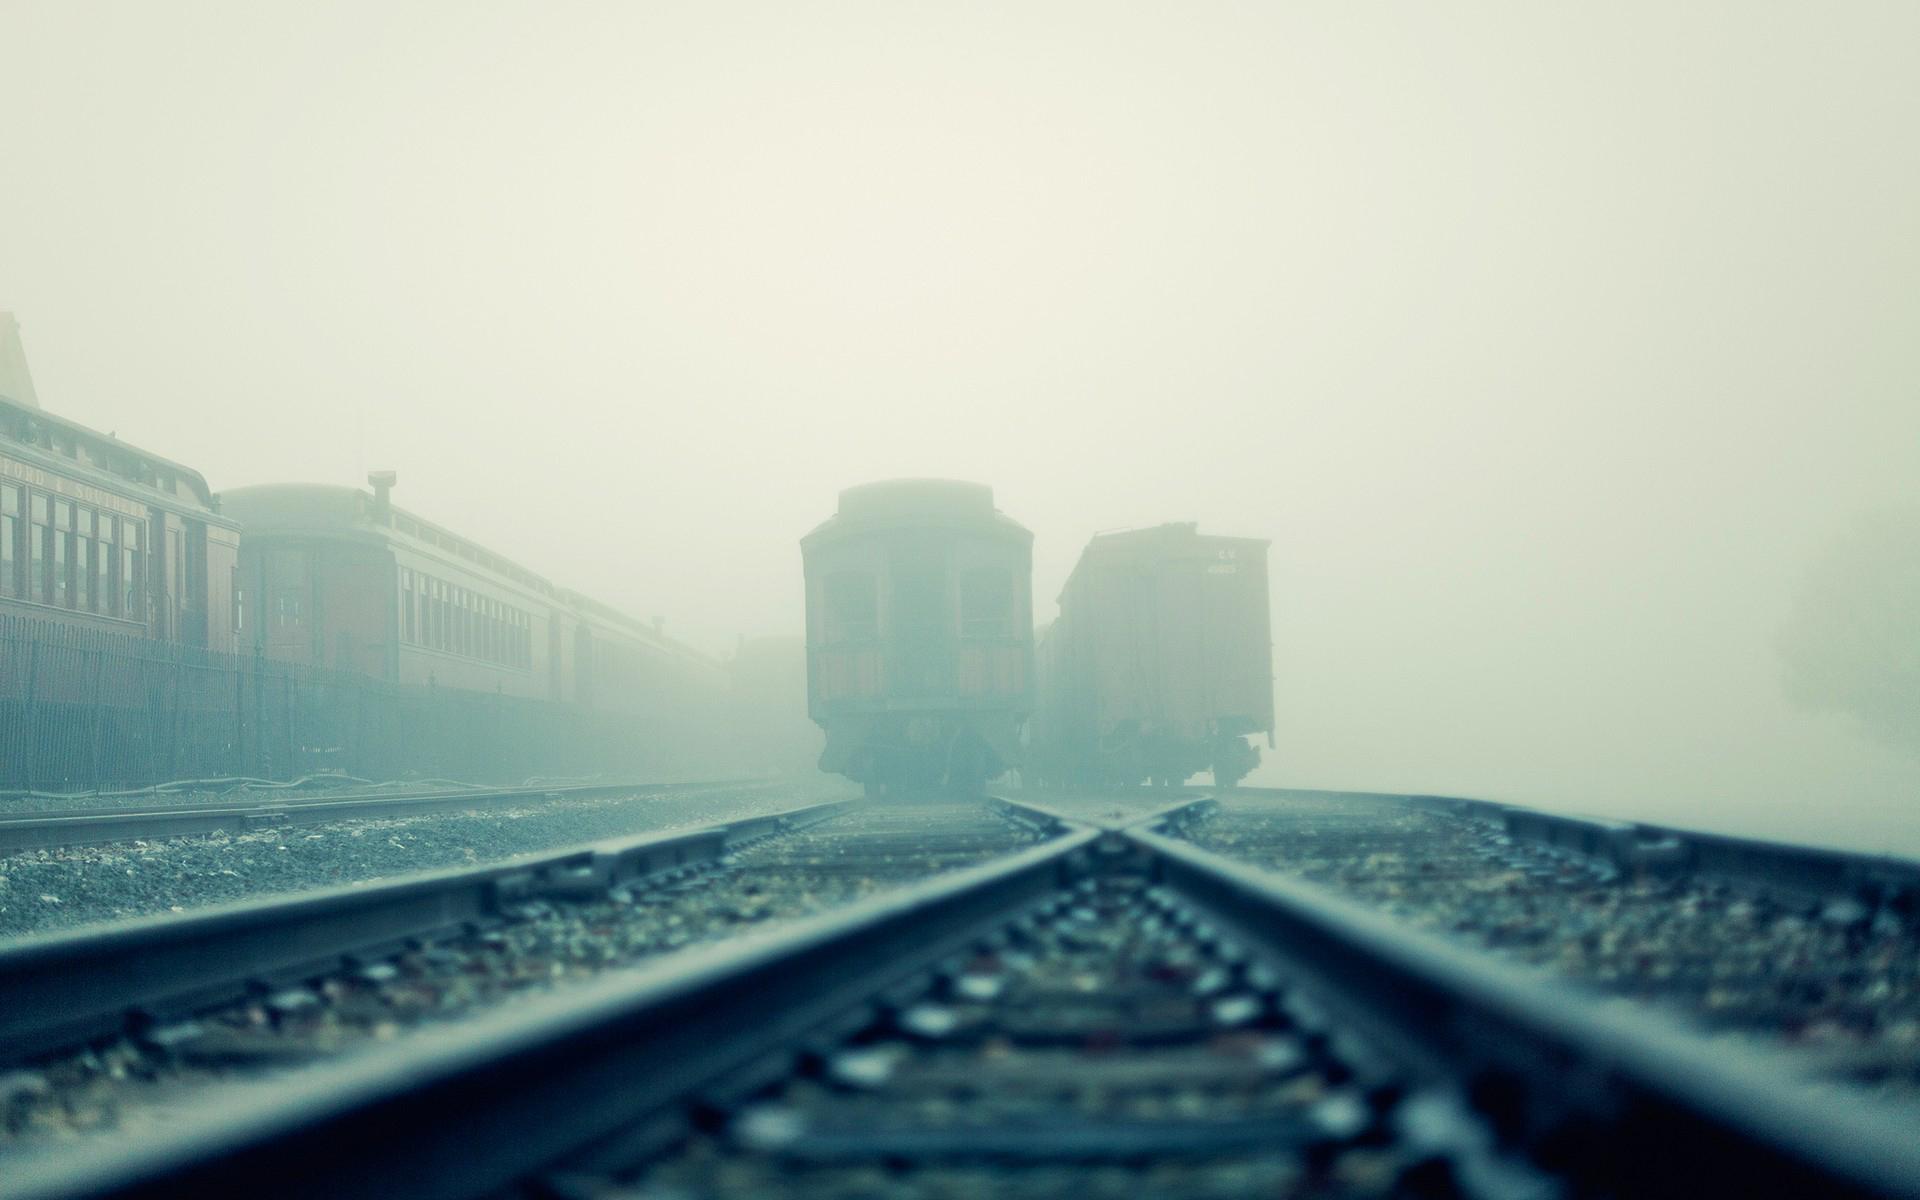 41044壁紙のダウンロード輸送, 列車-スクリーンセーバーと写真を無料で